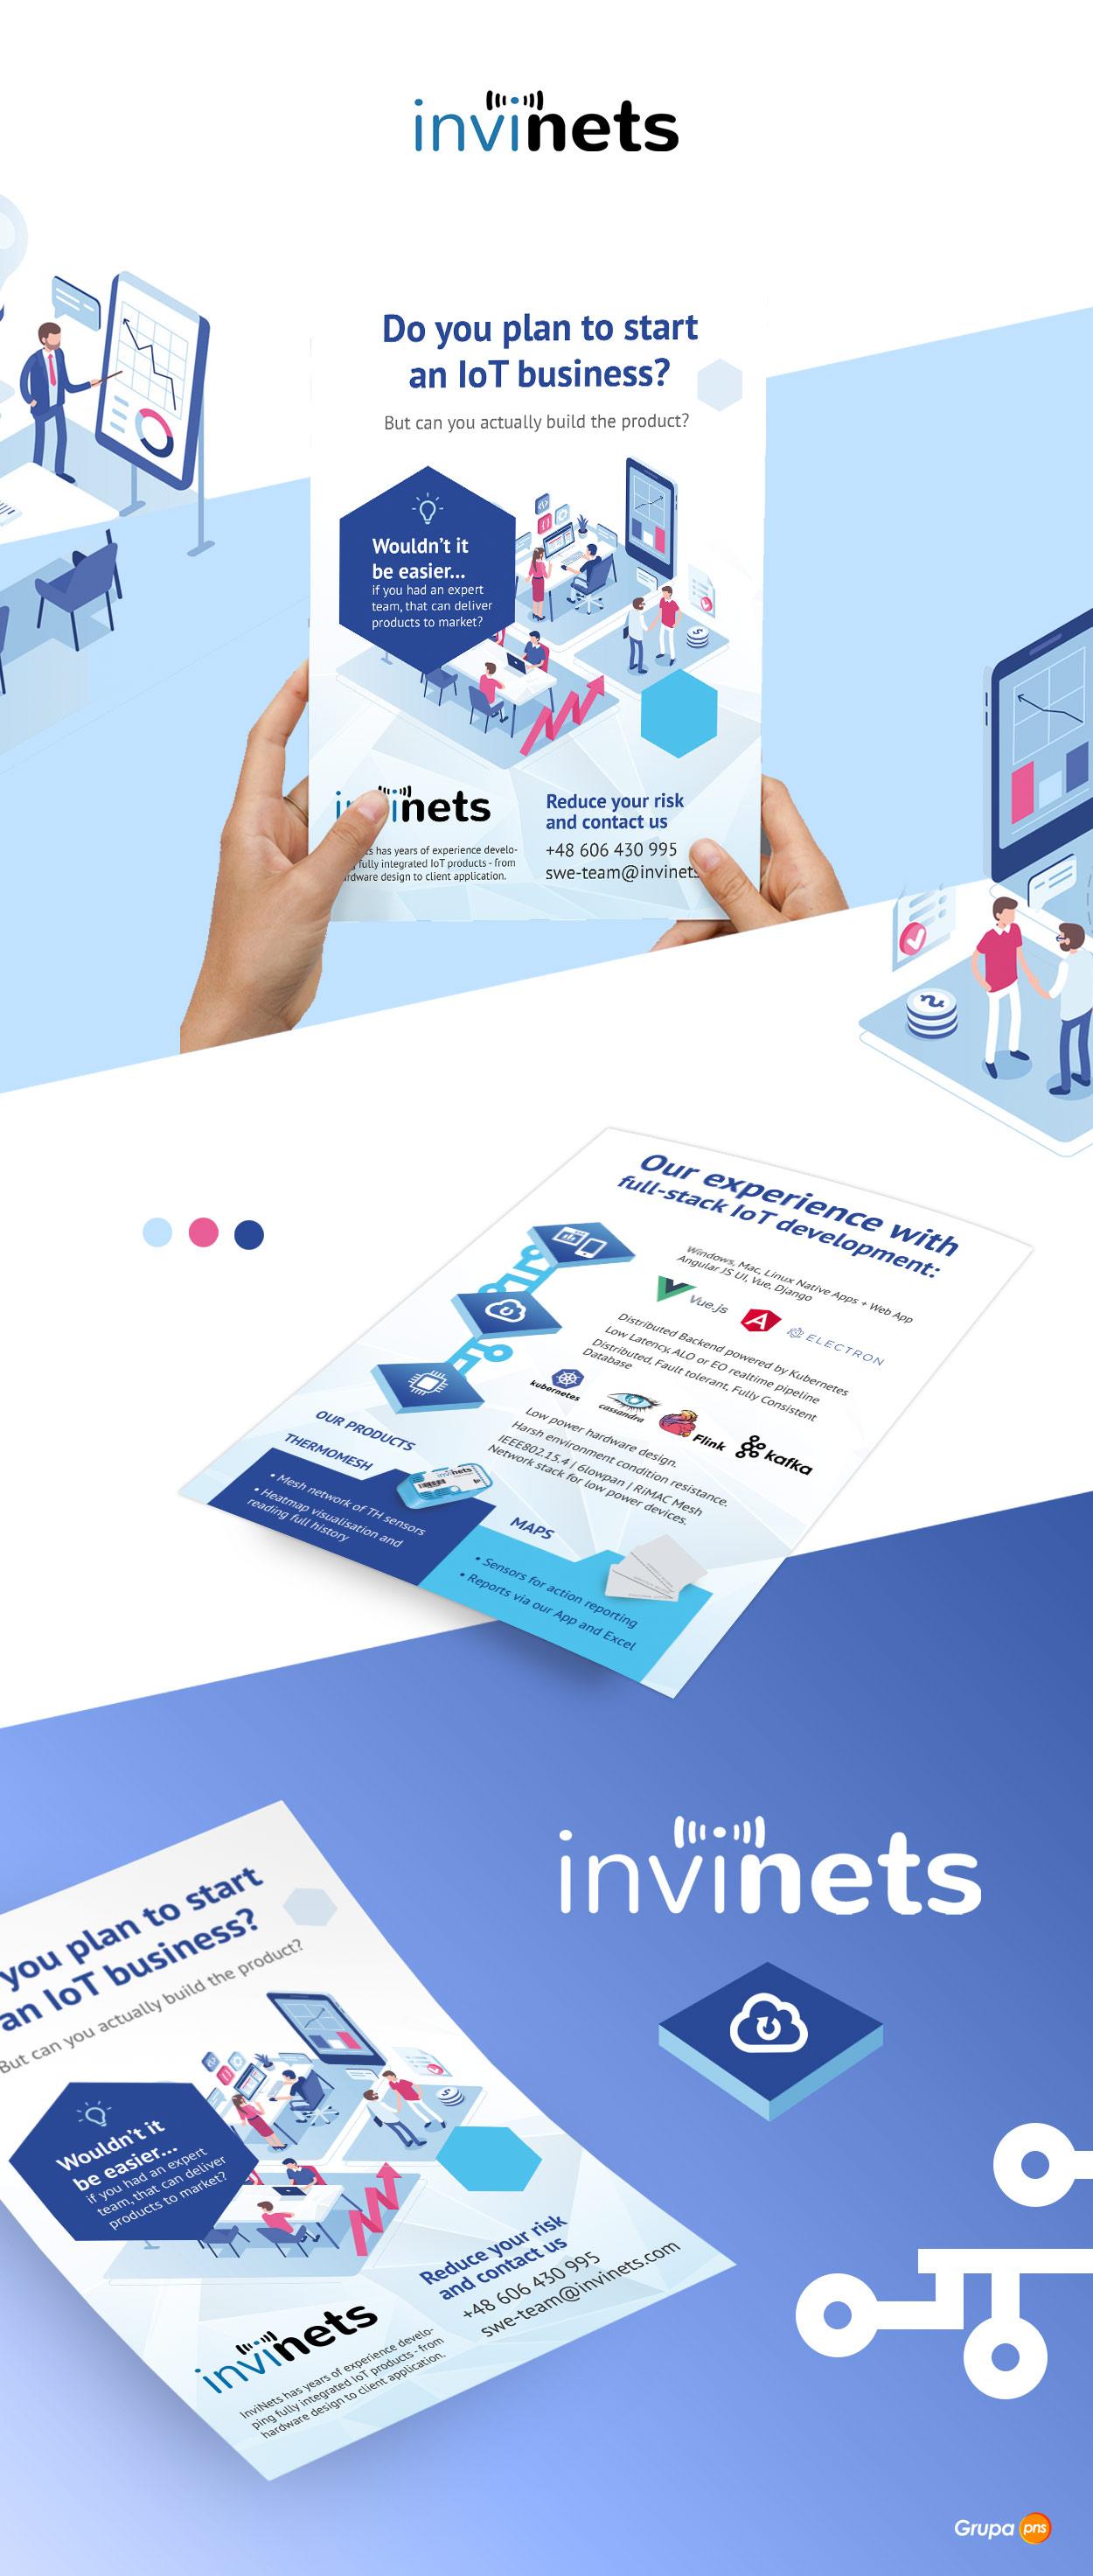 ulotka dla firmy informatycznej targi invinets - Ulotka dla firmy informatycznej - Invinets